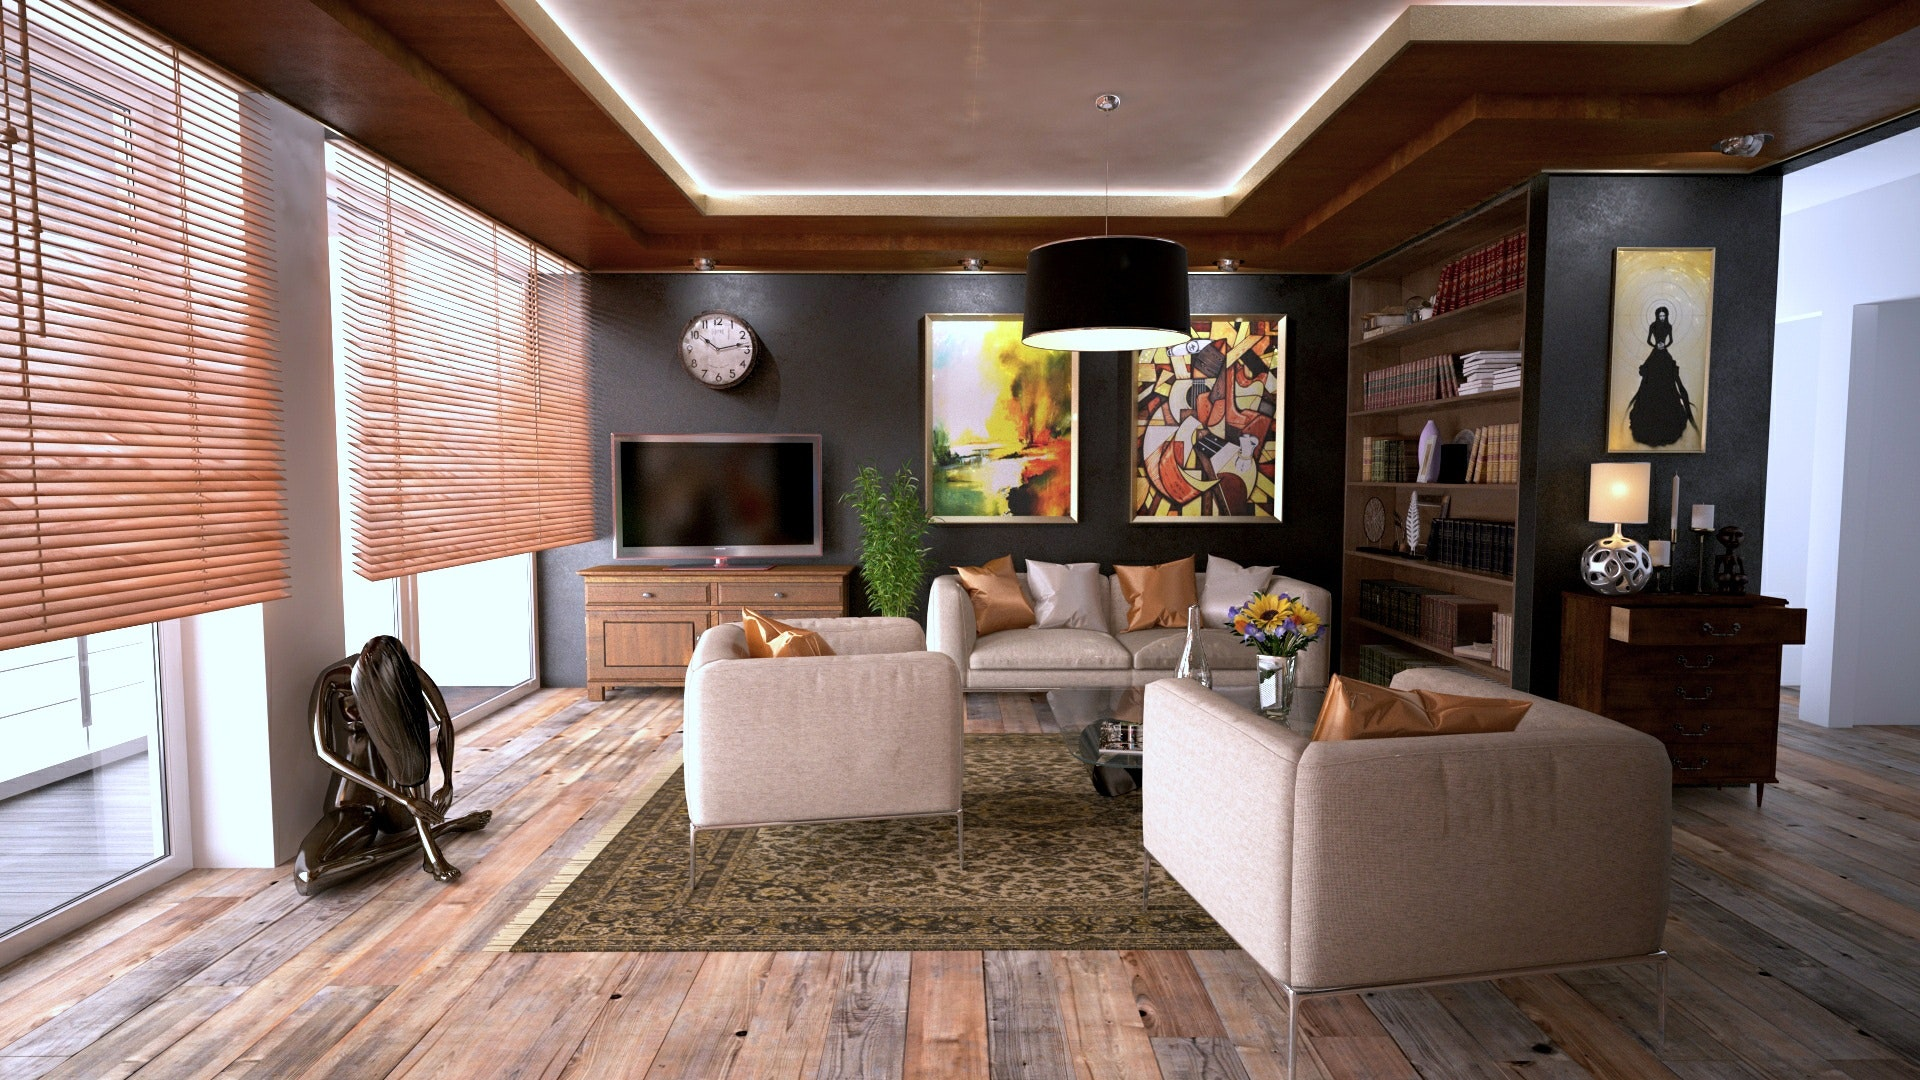 Apartment Architecture Art Books